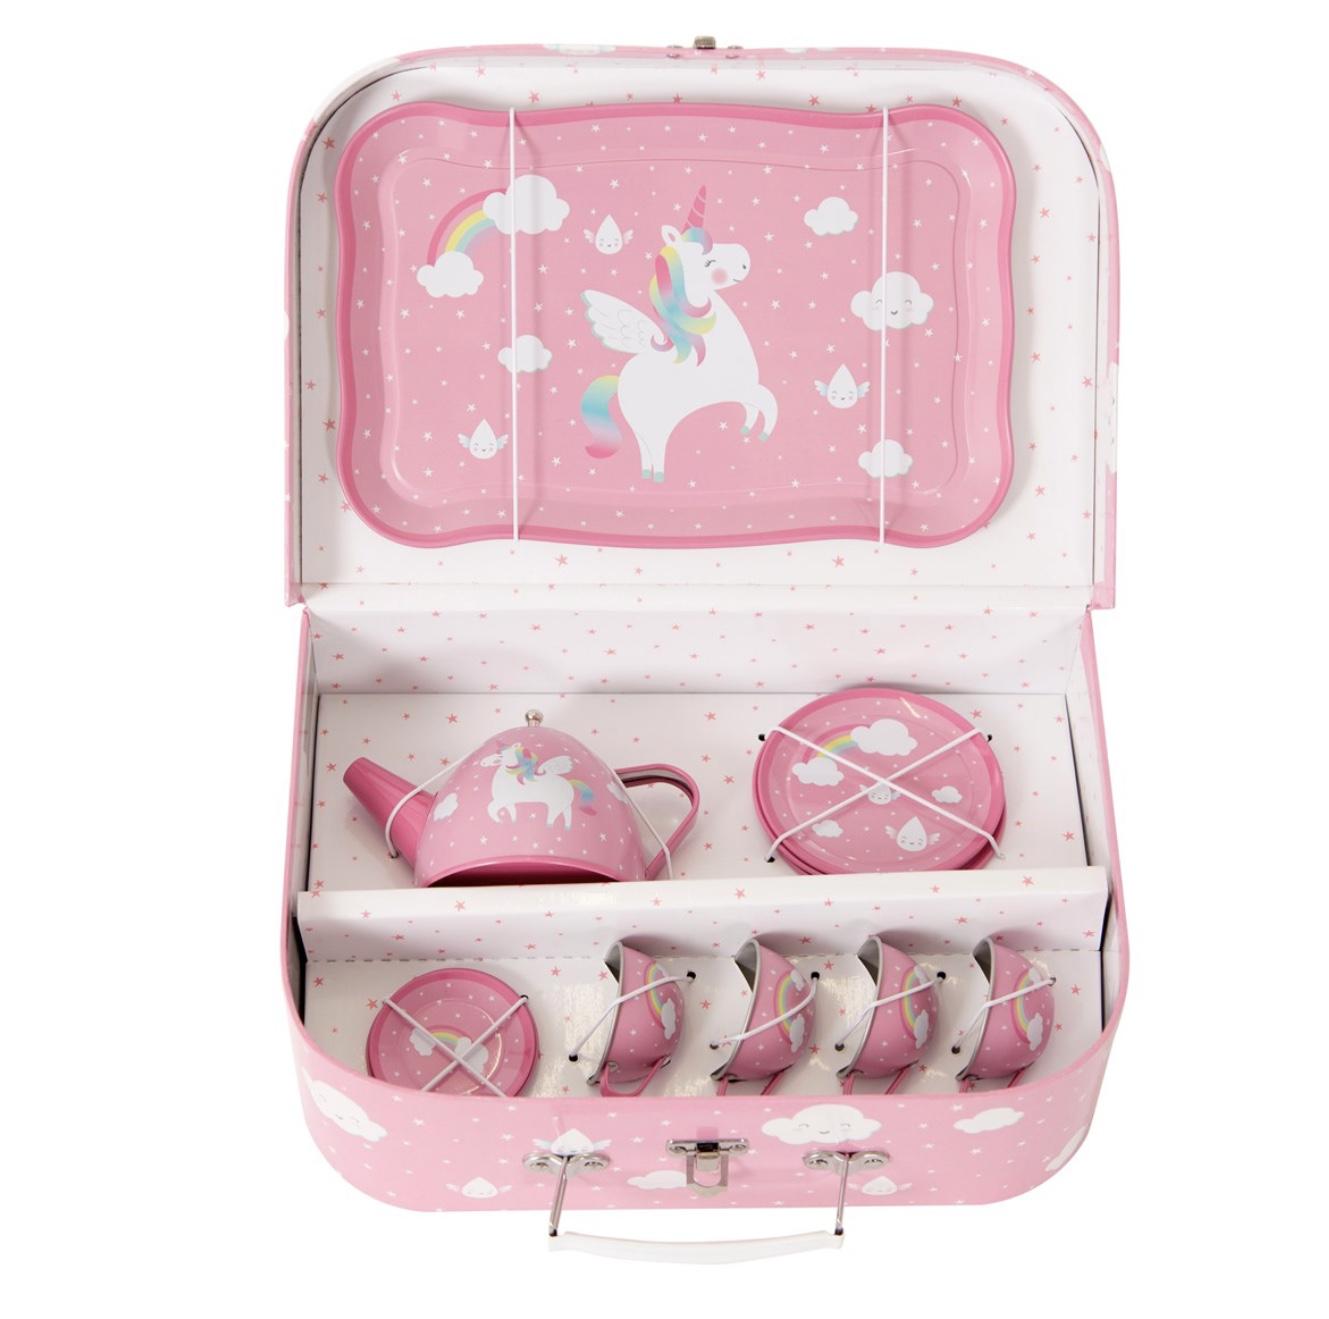 Unicorn Tea Set in carry case